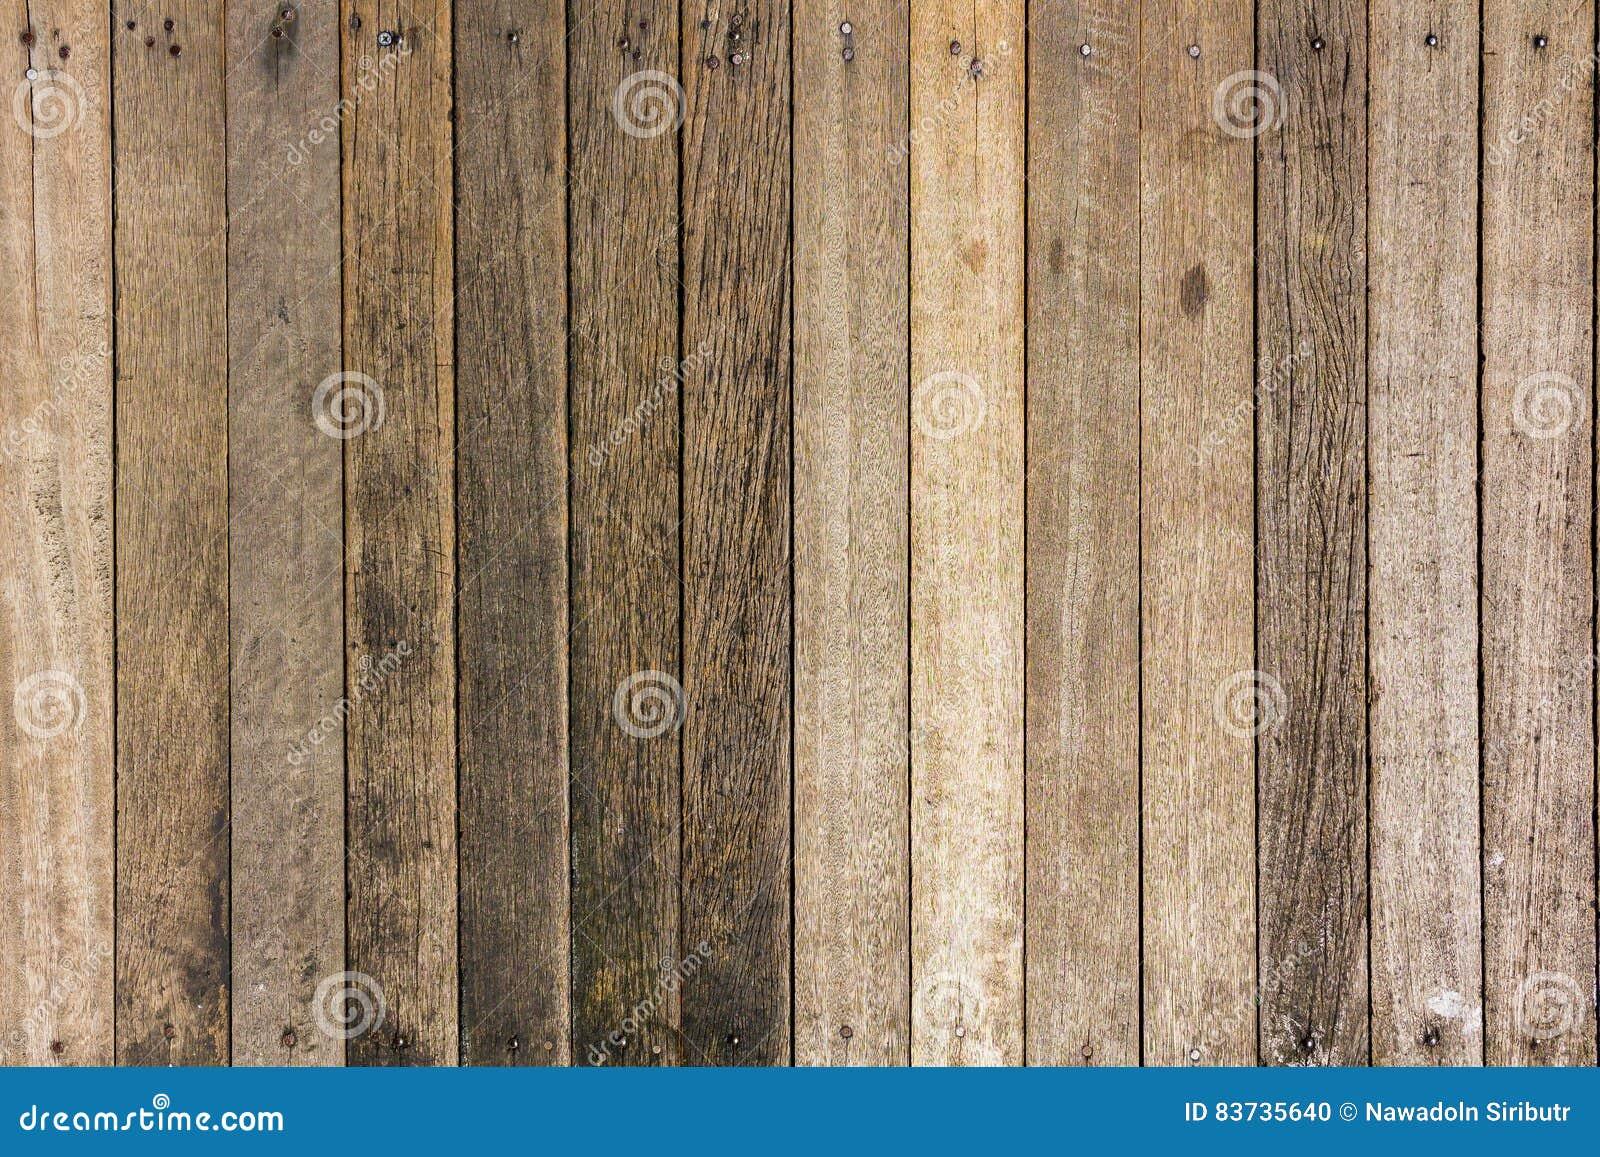 Fußboden Aus Alten Ziegeln ~ Alter hölzerner plankenhintergrund holz deckt hintergrund hölzerne